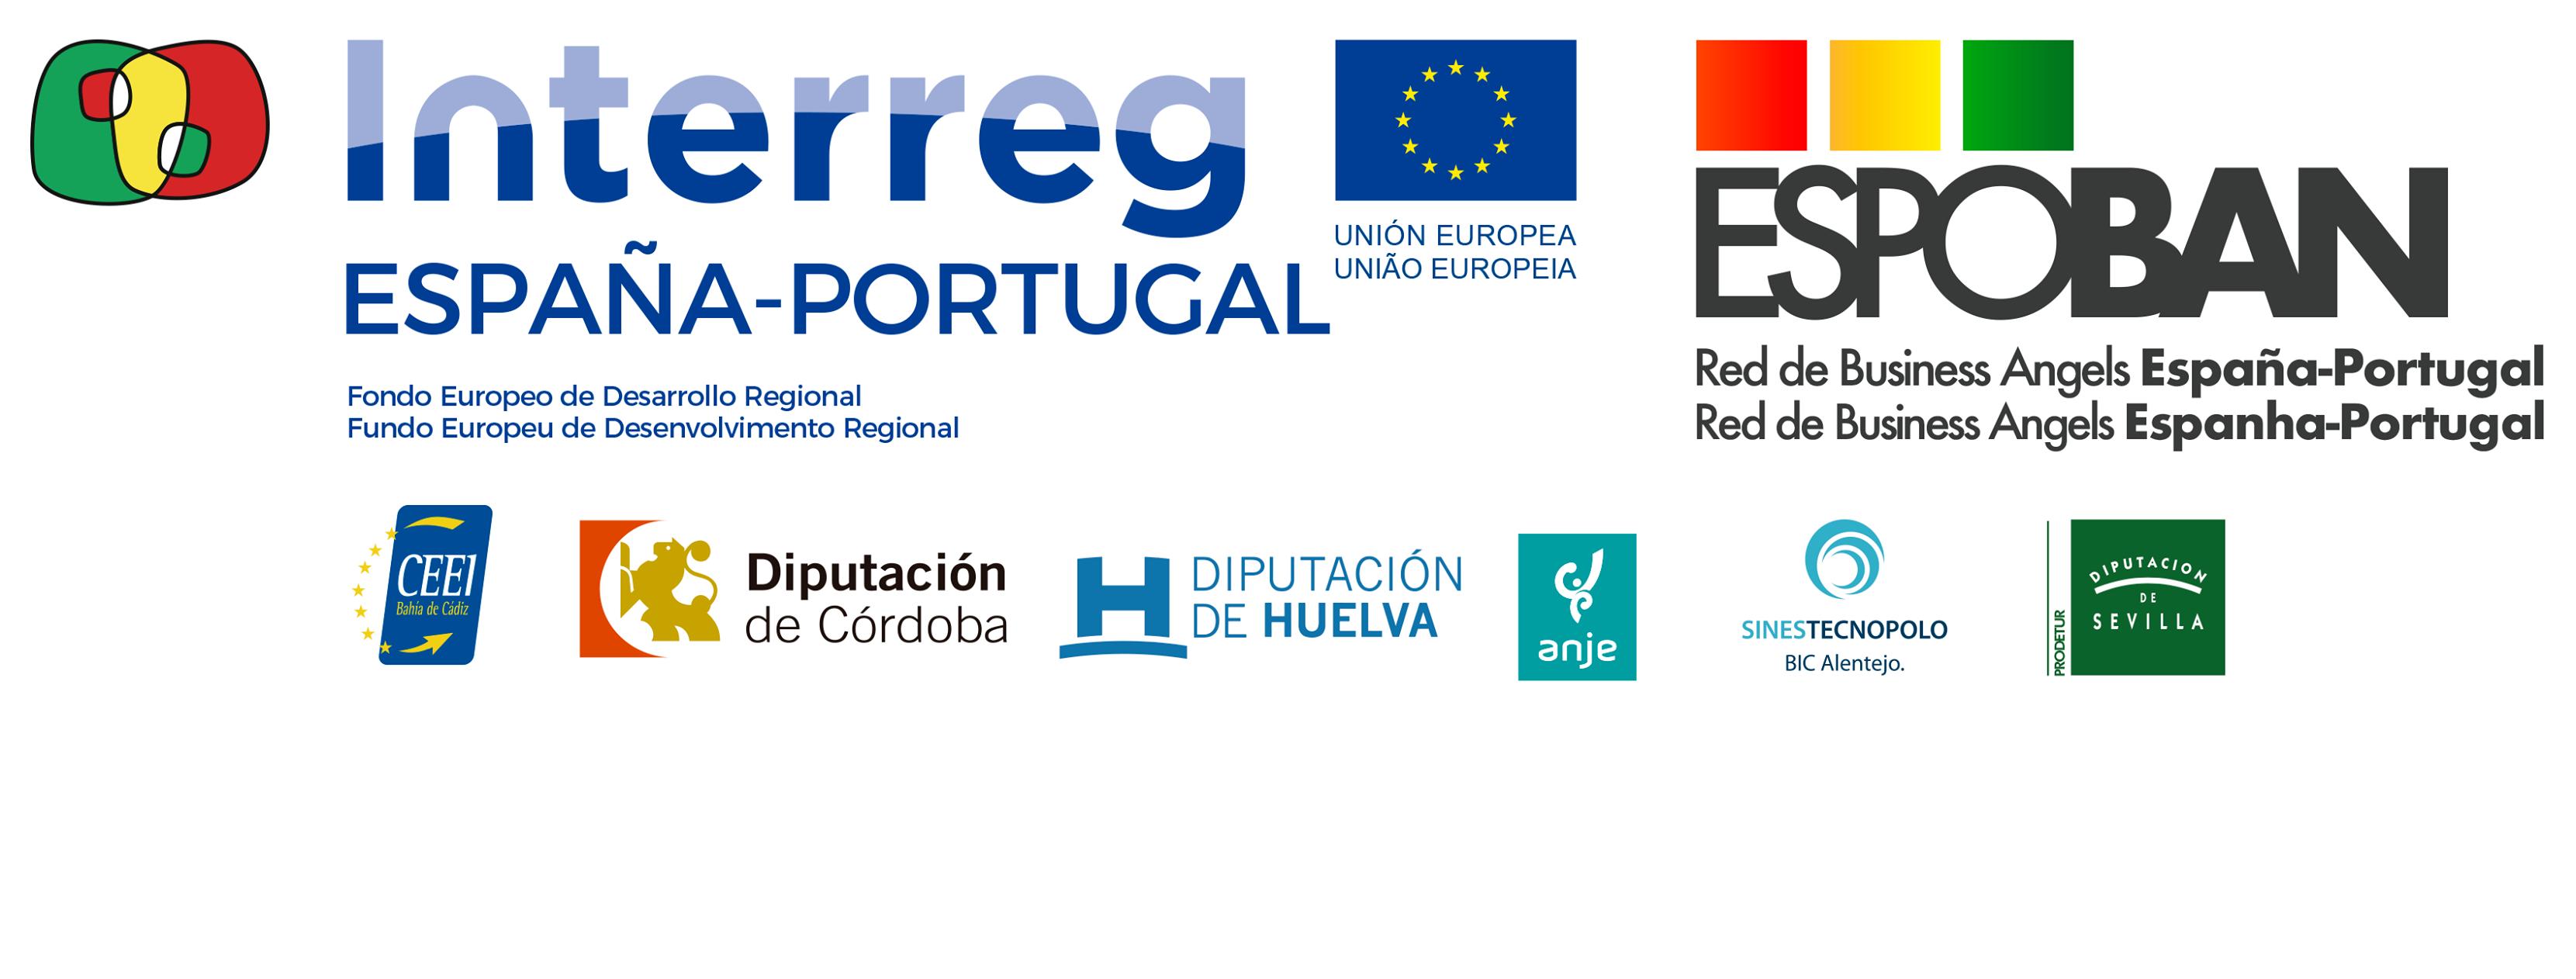 Programa ESPOBAN – Inscrições abertas